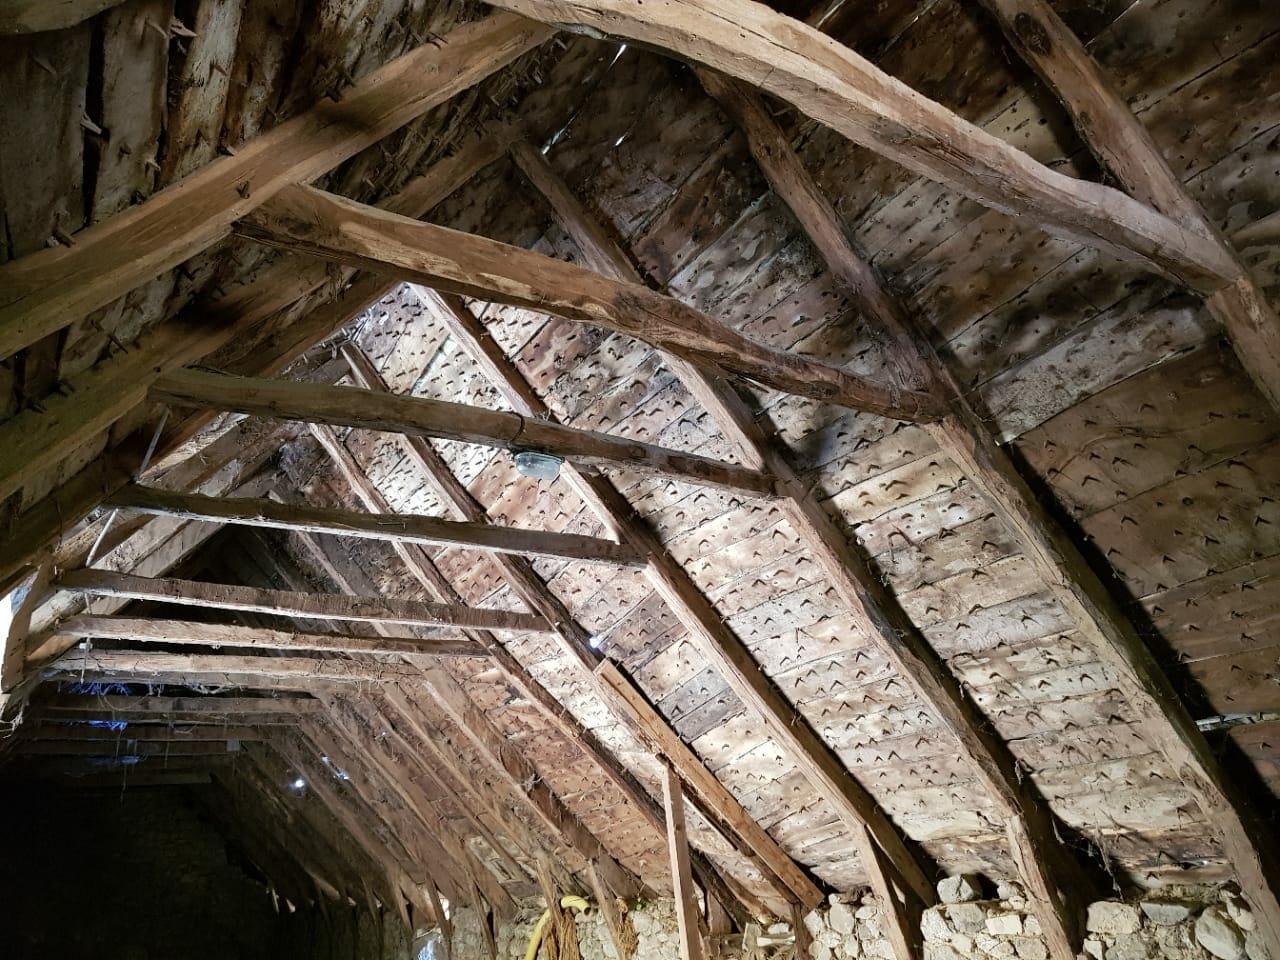 Particolare del soffitto in legno antico - News, il fascino del legno antico di recupero